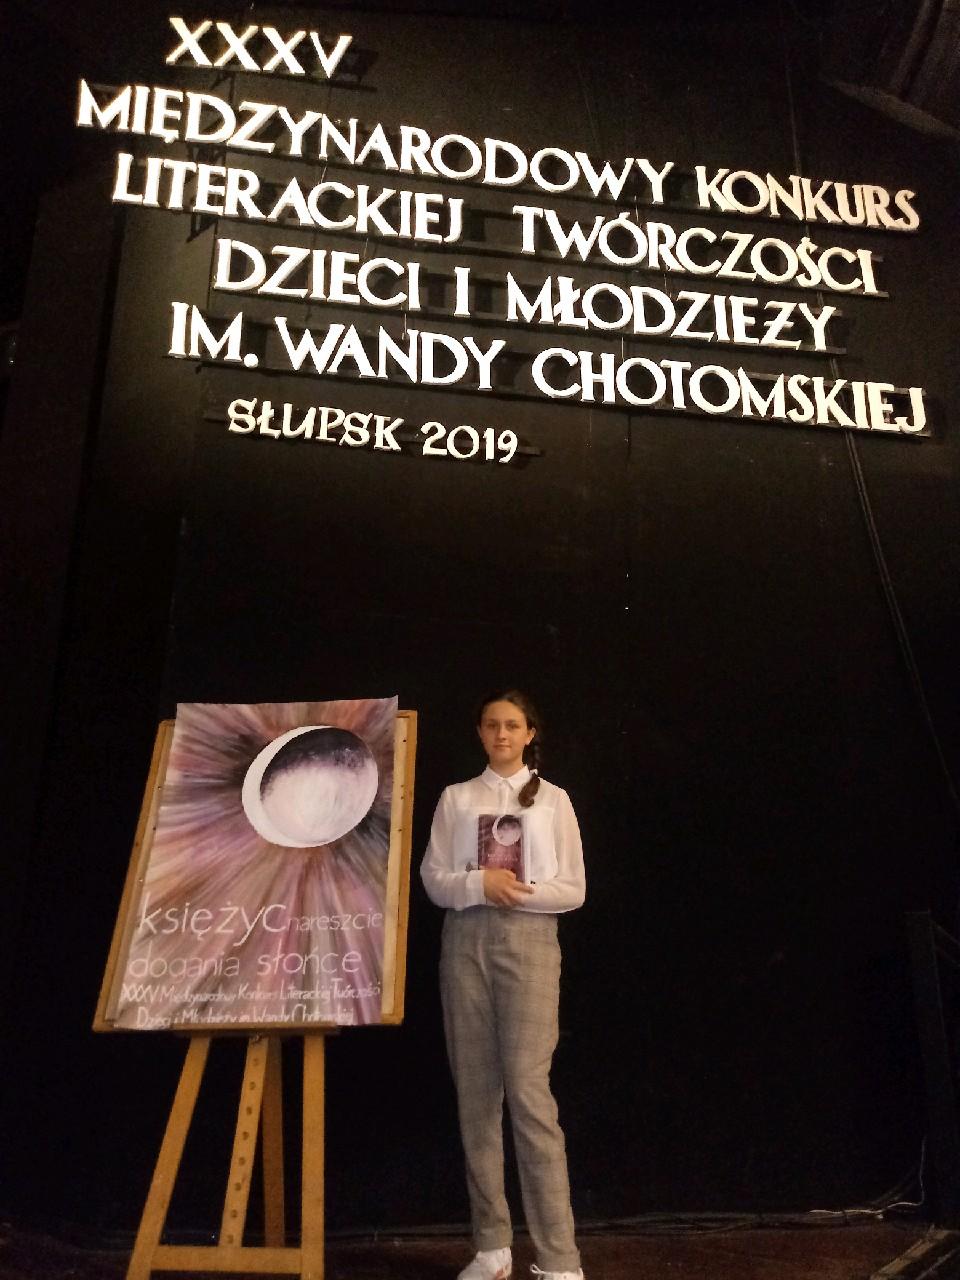 XXXV Międzynarodowy Konkurs Literackiej Twórczości